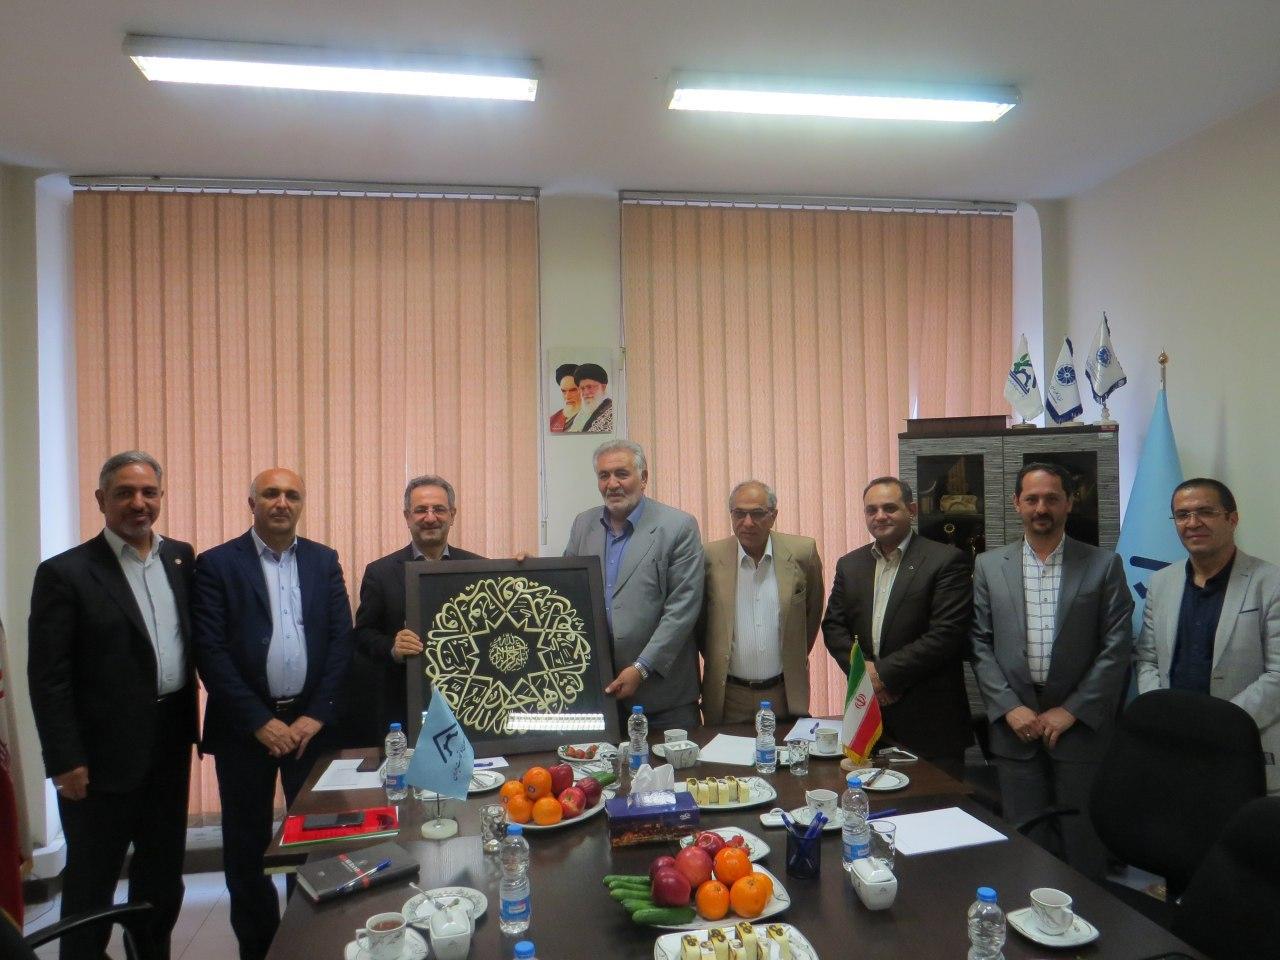 معاون وزیر و رئیس سازمان بهزیستی کشور با رئیس خانه معدن و تجارت کشور دیدار کرد